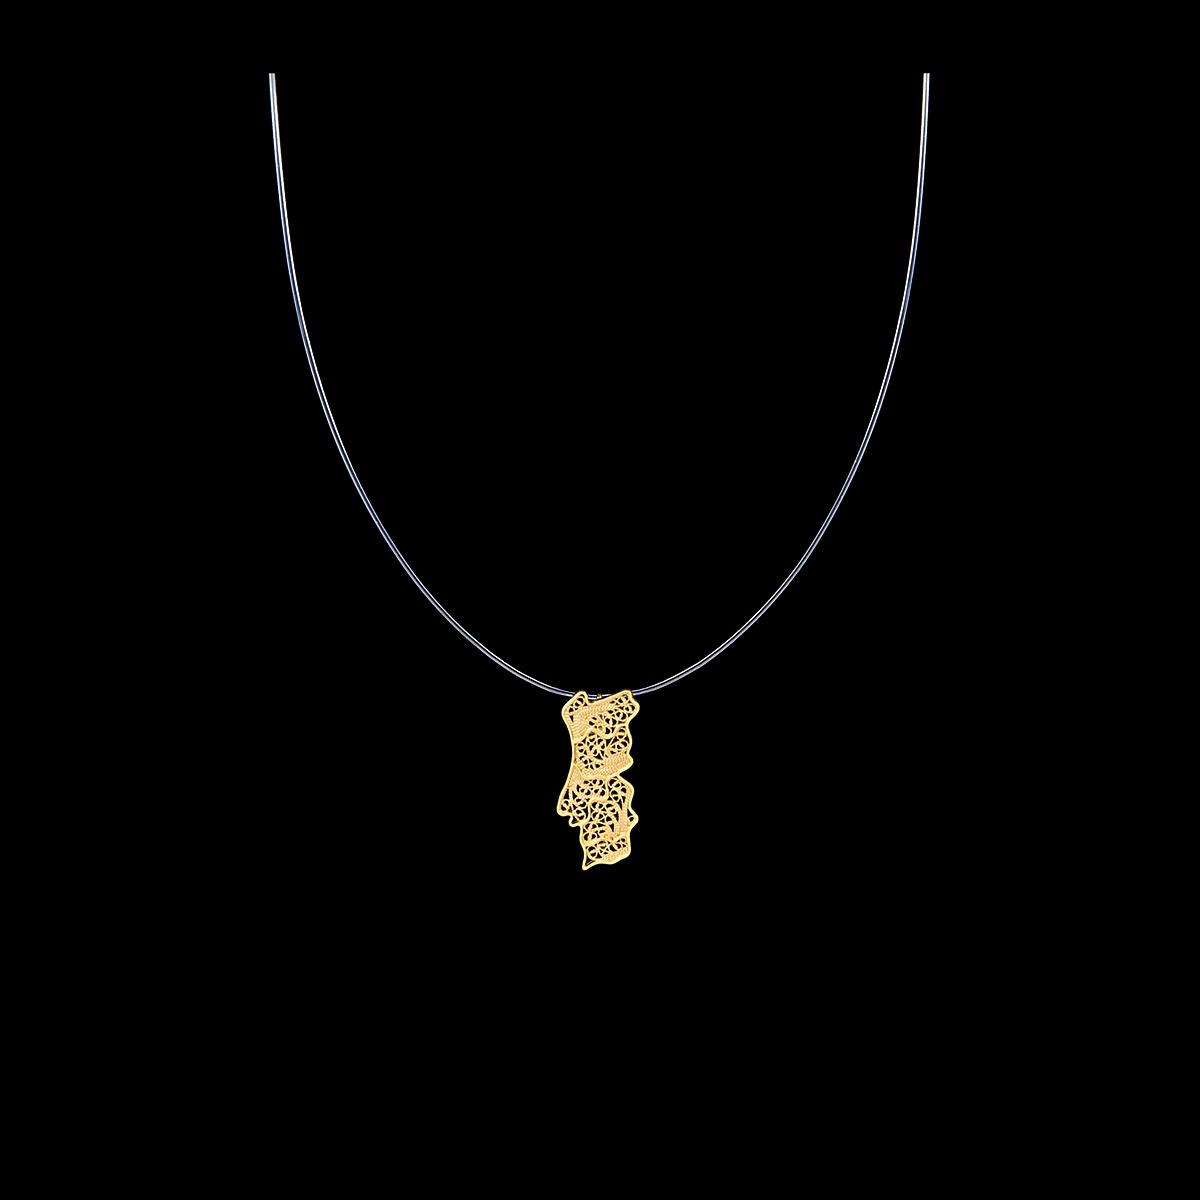 Cesar Oliveira Fotografia - Fotografo de produto, moda e publicade - Fotografia de joalharia - colar - necklace - 03.png